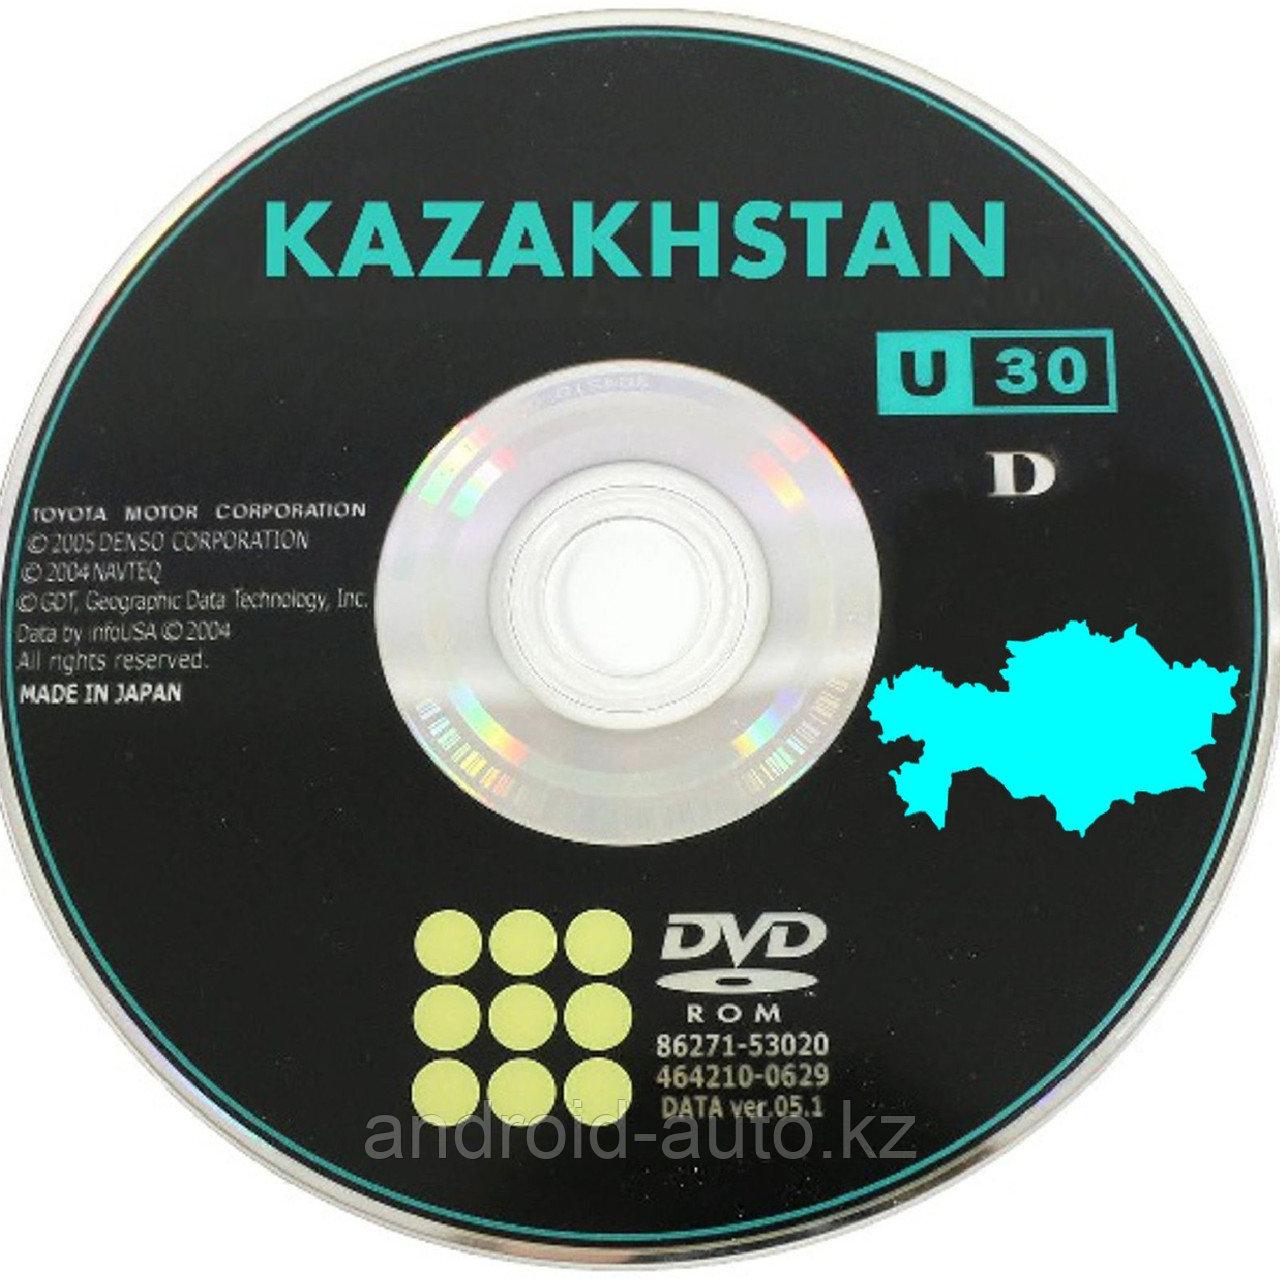 НОВЫЕ !!! Карты навигации Казахстан и Киргизия за 2020 г. на РУССКОМ Языке